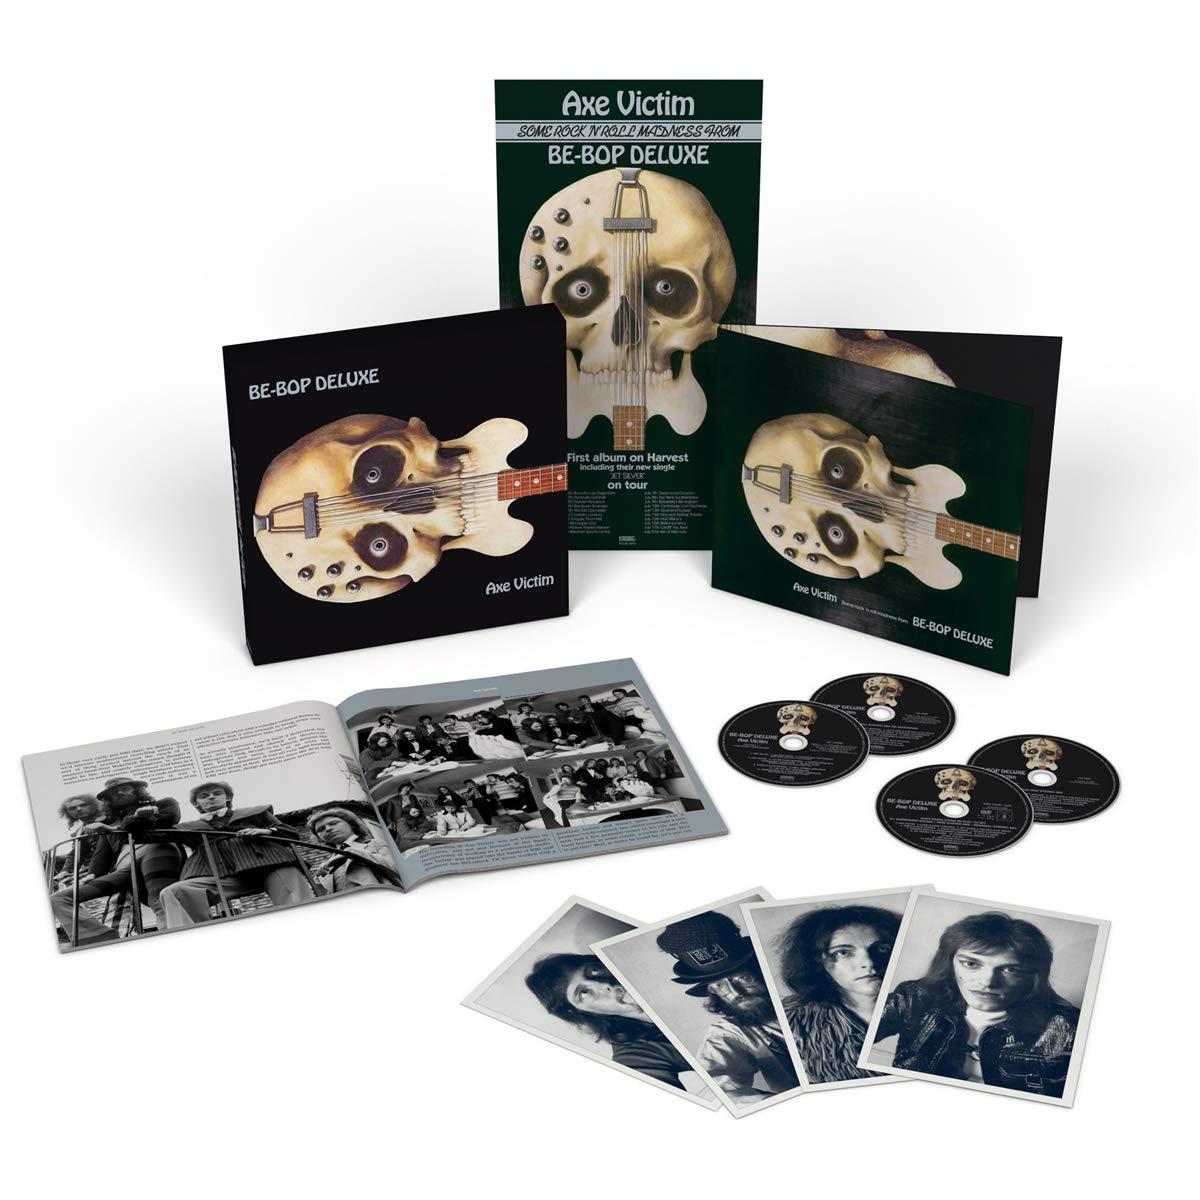 Axe Victim: Be-Bop Deluxe, Be-Bop Deluxe: Amazon.fr: Musique